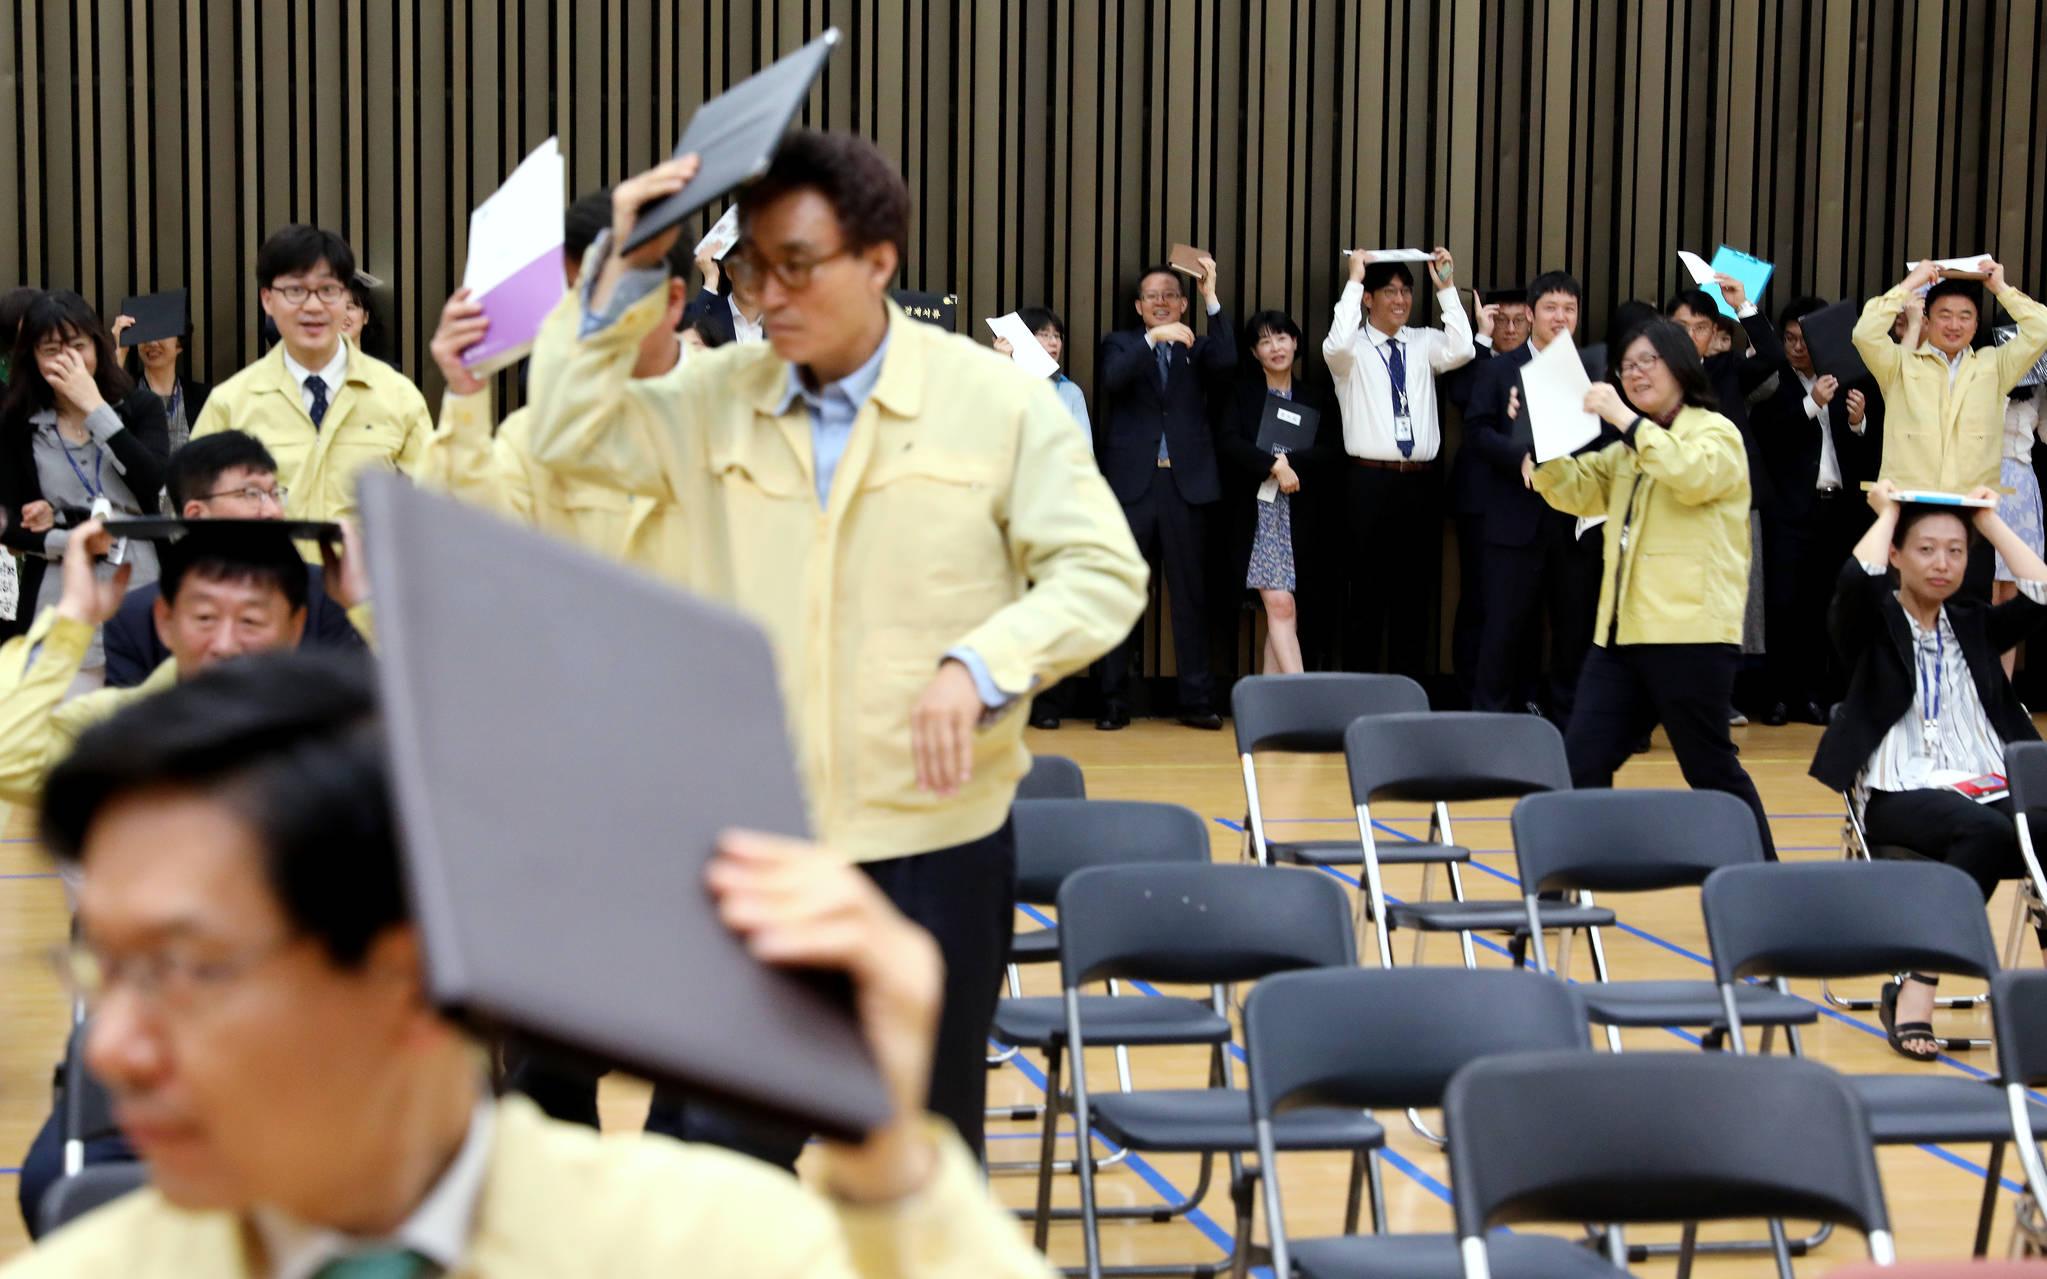 국민참여 지진 대피훈련이 실시된 지난 5월 16일 오후 서울 여의도 국회에서 직원들이 지하 대피소로 대피하고 있다. [뉴스1]